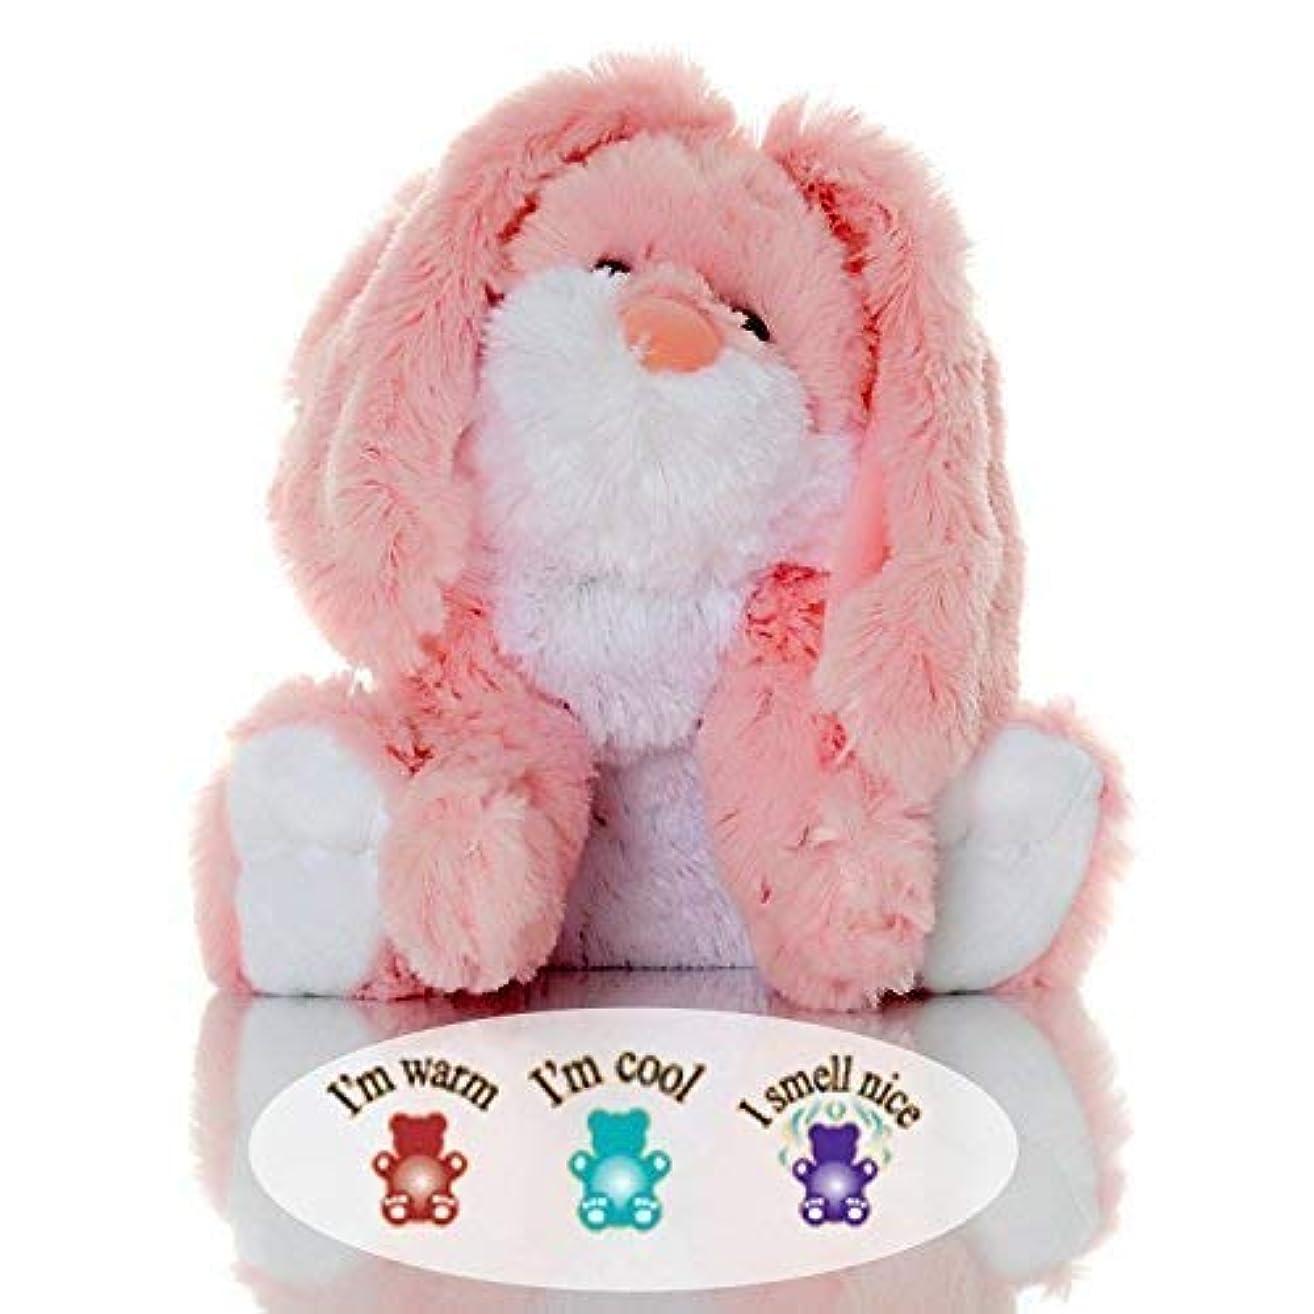 混合したプロジェクター傾向がありますSootheze Rosey Bunny Rabbit - Microwavable Stuffed Animal - Weighted Lavender Scented Aromatherapy - Hot and Cold...